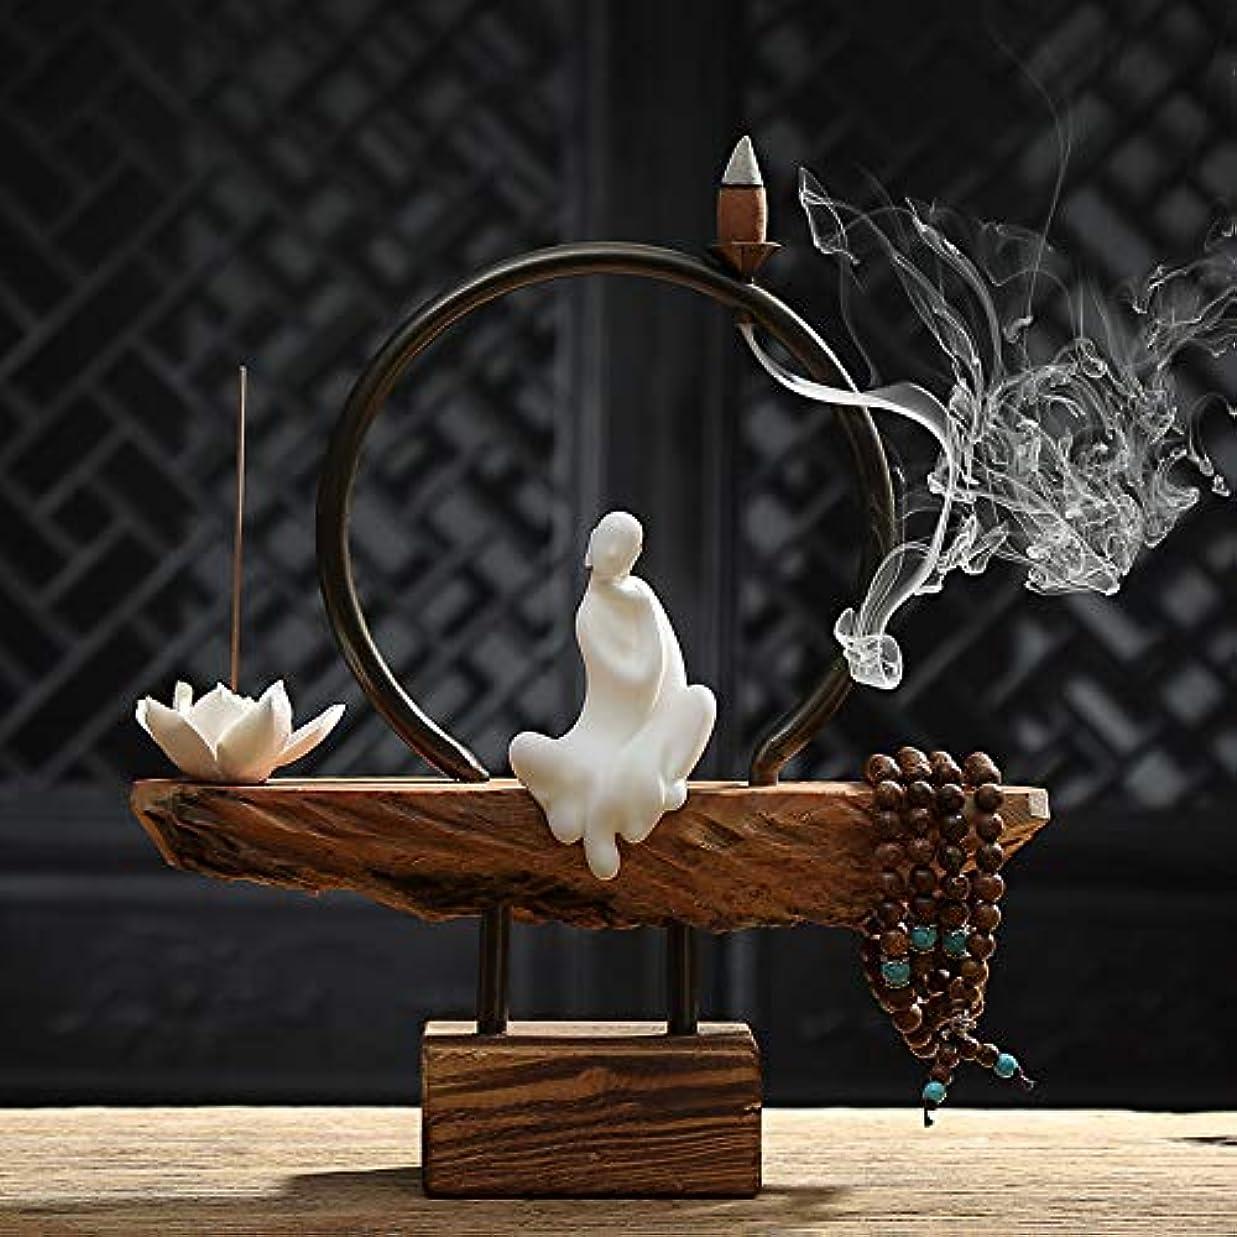 受信メイド交じるホーム白檀茶式ガラス香スティック飾り香炉仏ストーブ香炉家の装飾バーナー26 * 26センチ